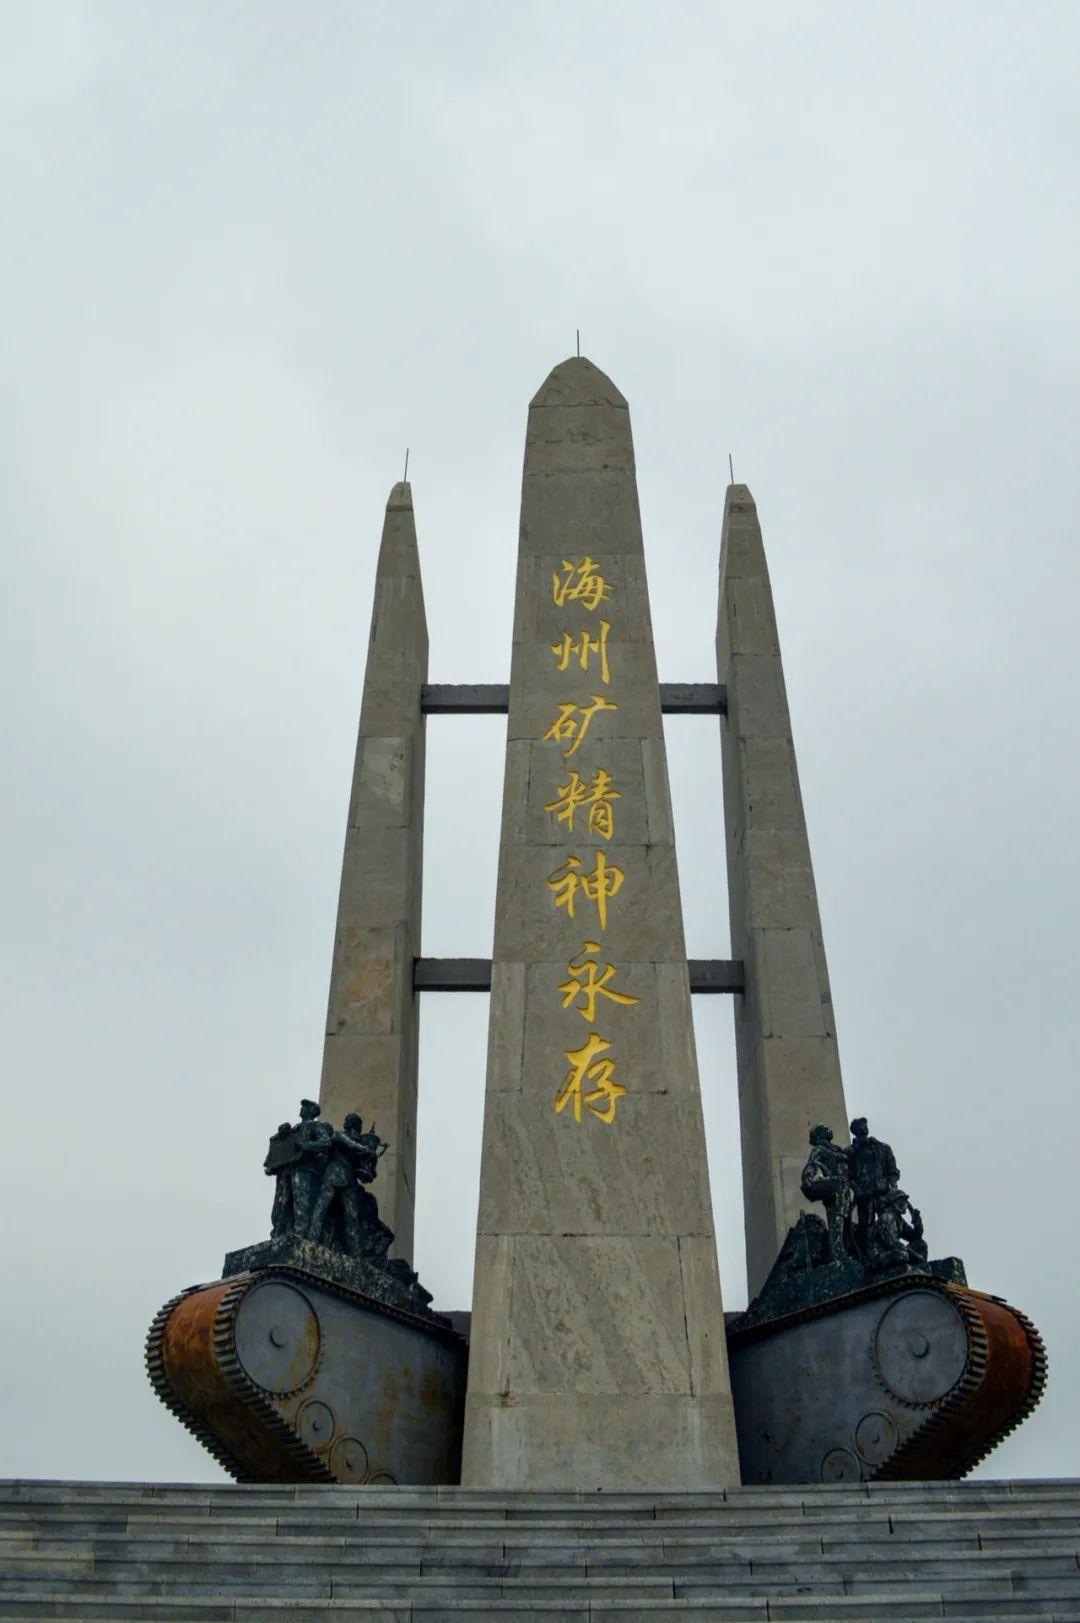 阜新大矿坑纪念碑(图片来源:摄图网)